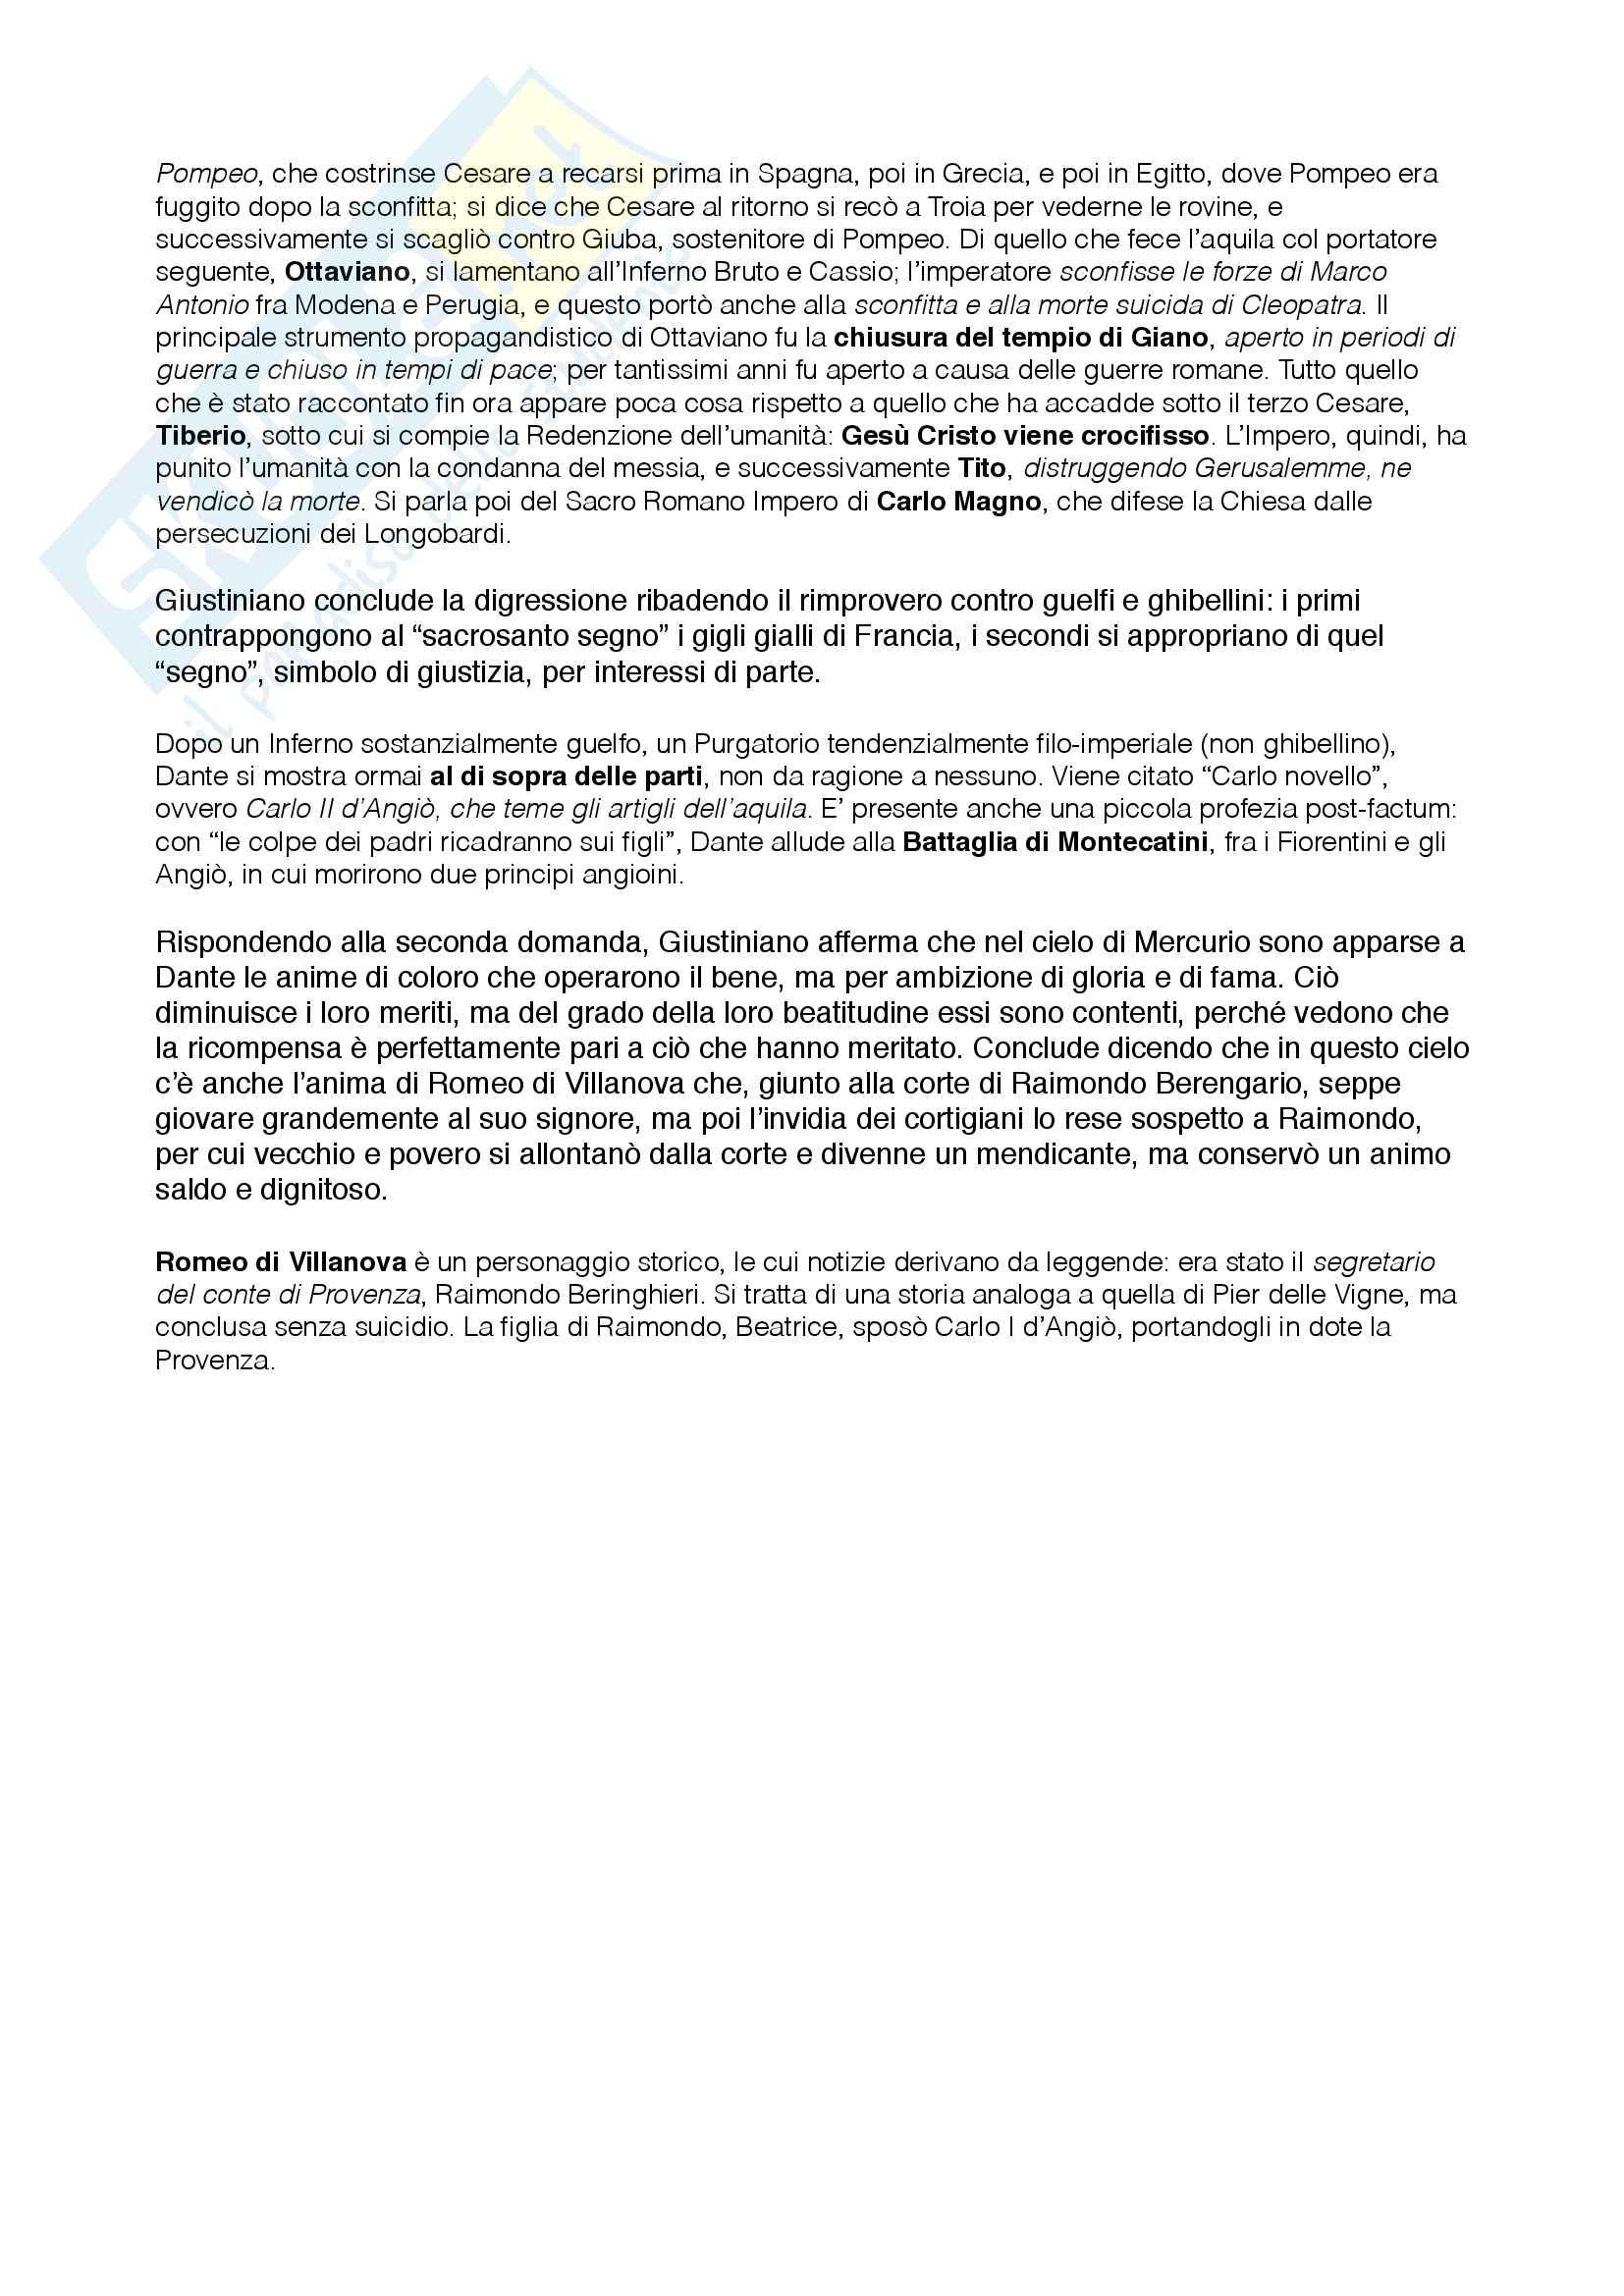 """Riassunto esame Letteratura Italiana, prof. Santagata e Pacca, libro adottato """"La Divina Commedia"""" di Dante Alighieri, edizione commentata Bosco, Reggio, Volante Pag. 46"""